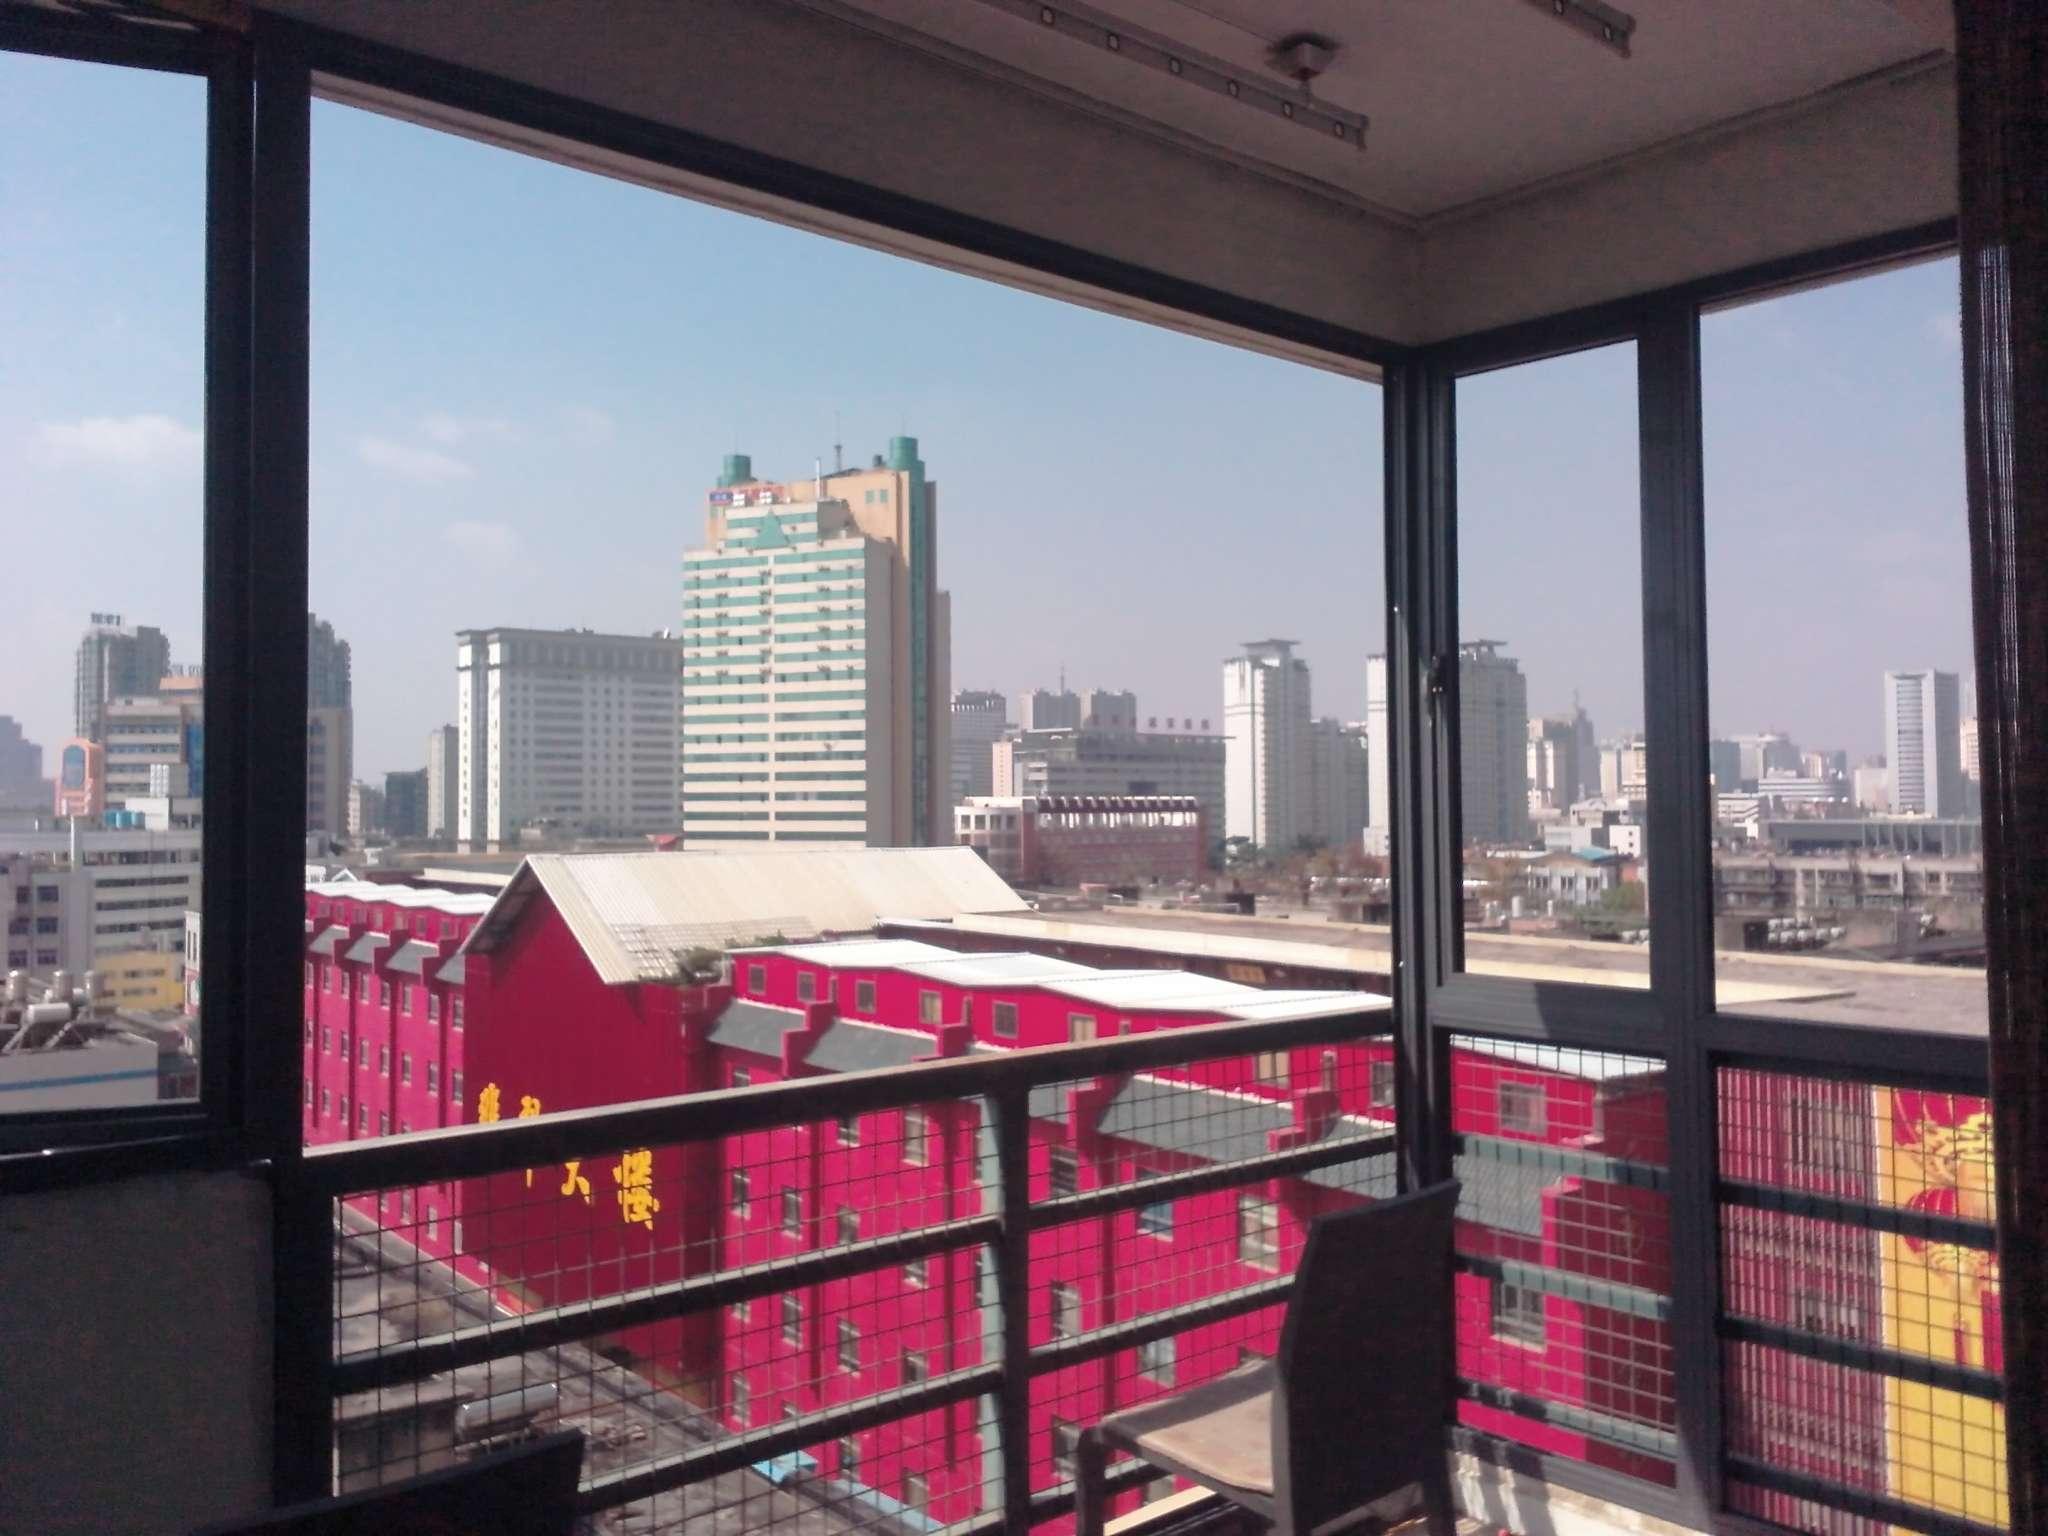 阳台窗封装,断桥铝门窗,塑钢阳台窗,铝合金阳台窗,阳光房设计及安装